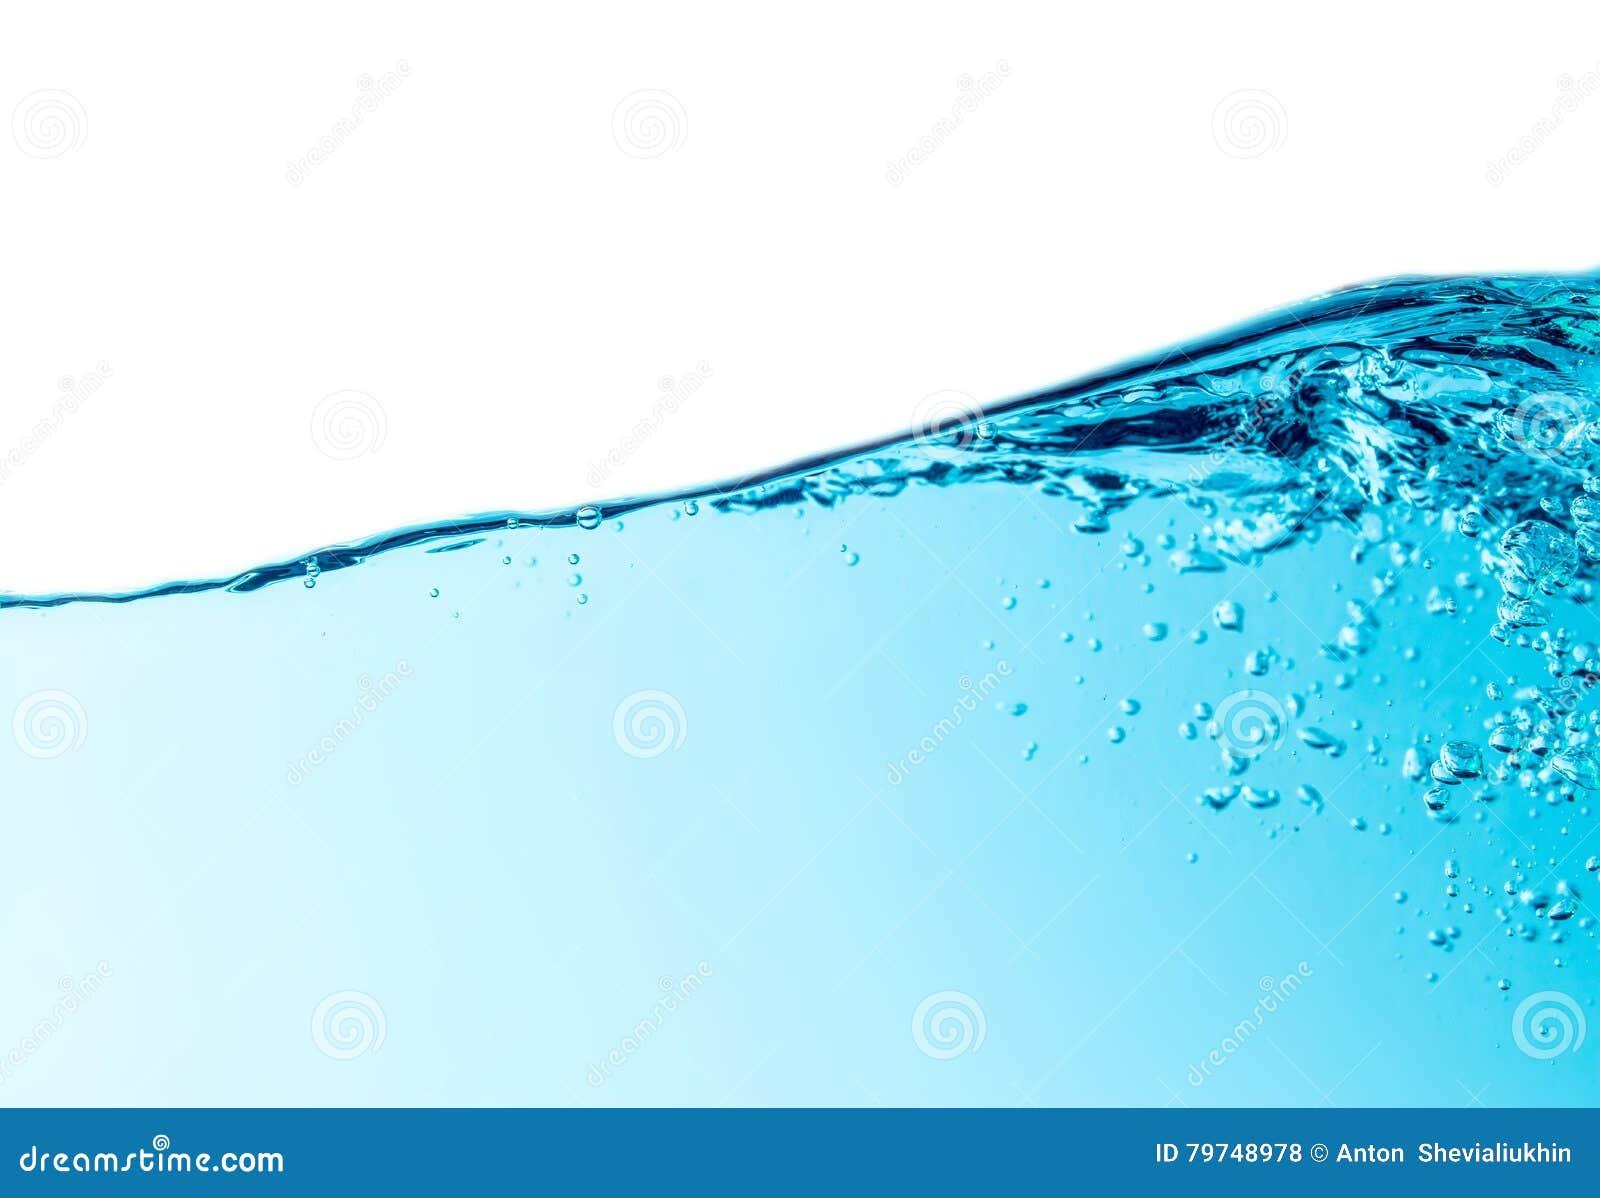 Aislado en linea horizontal superior de la onda de agua azul con el fondo de las burbujas